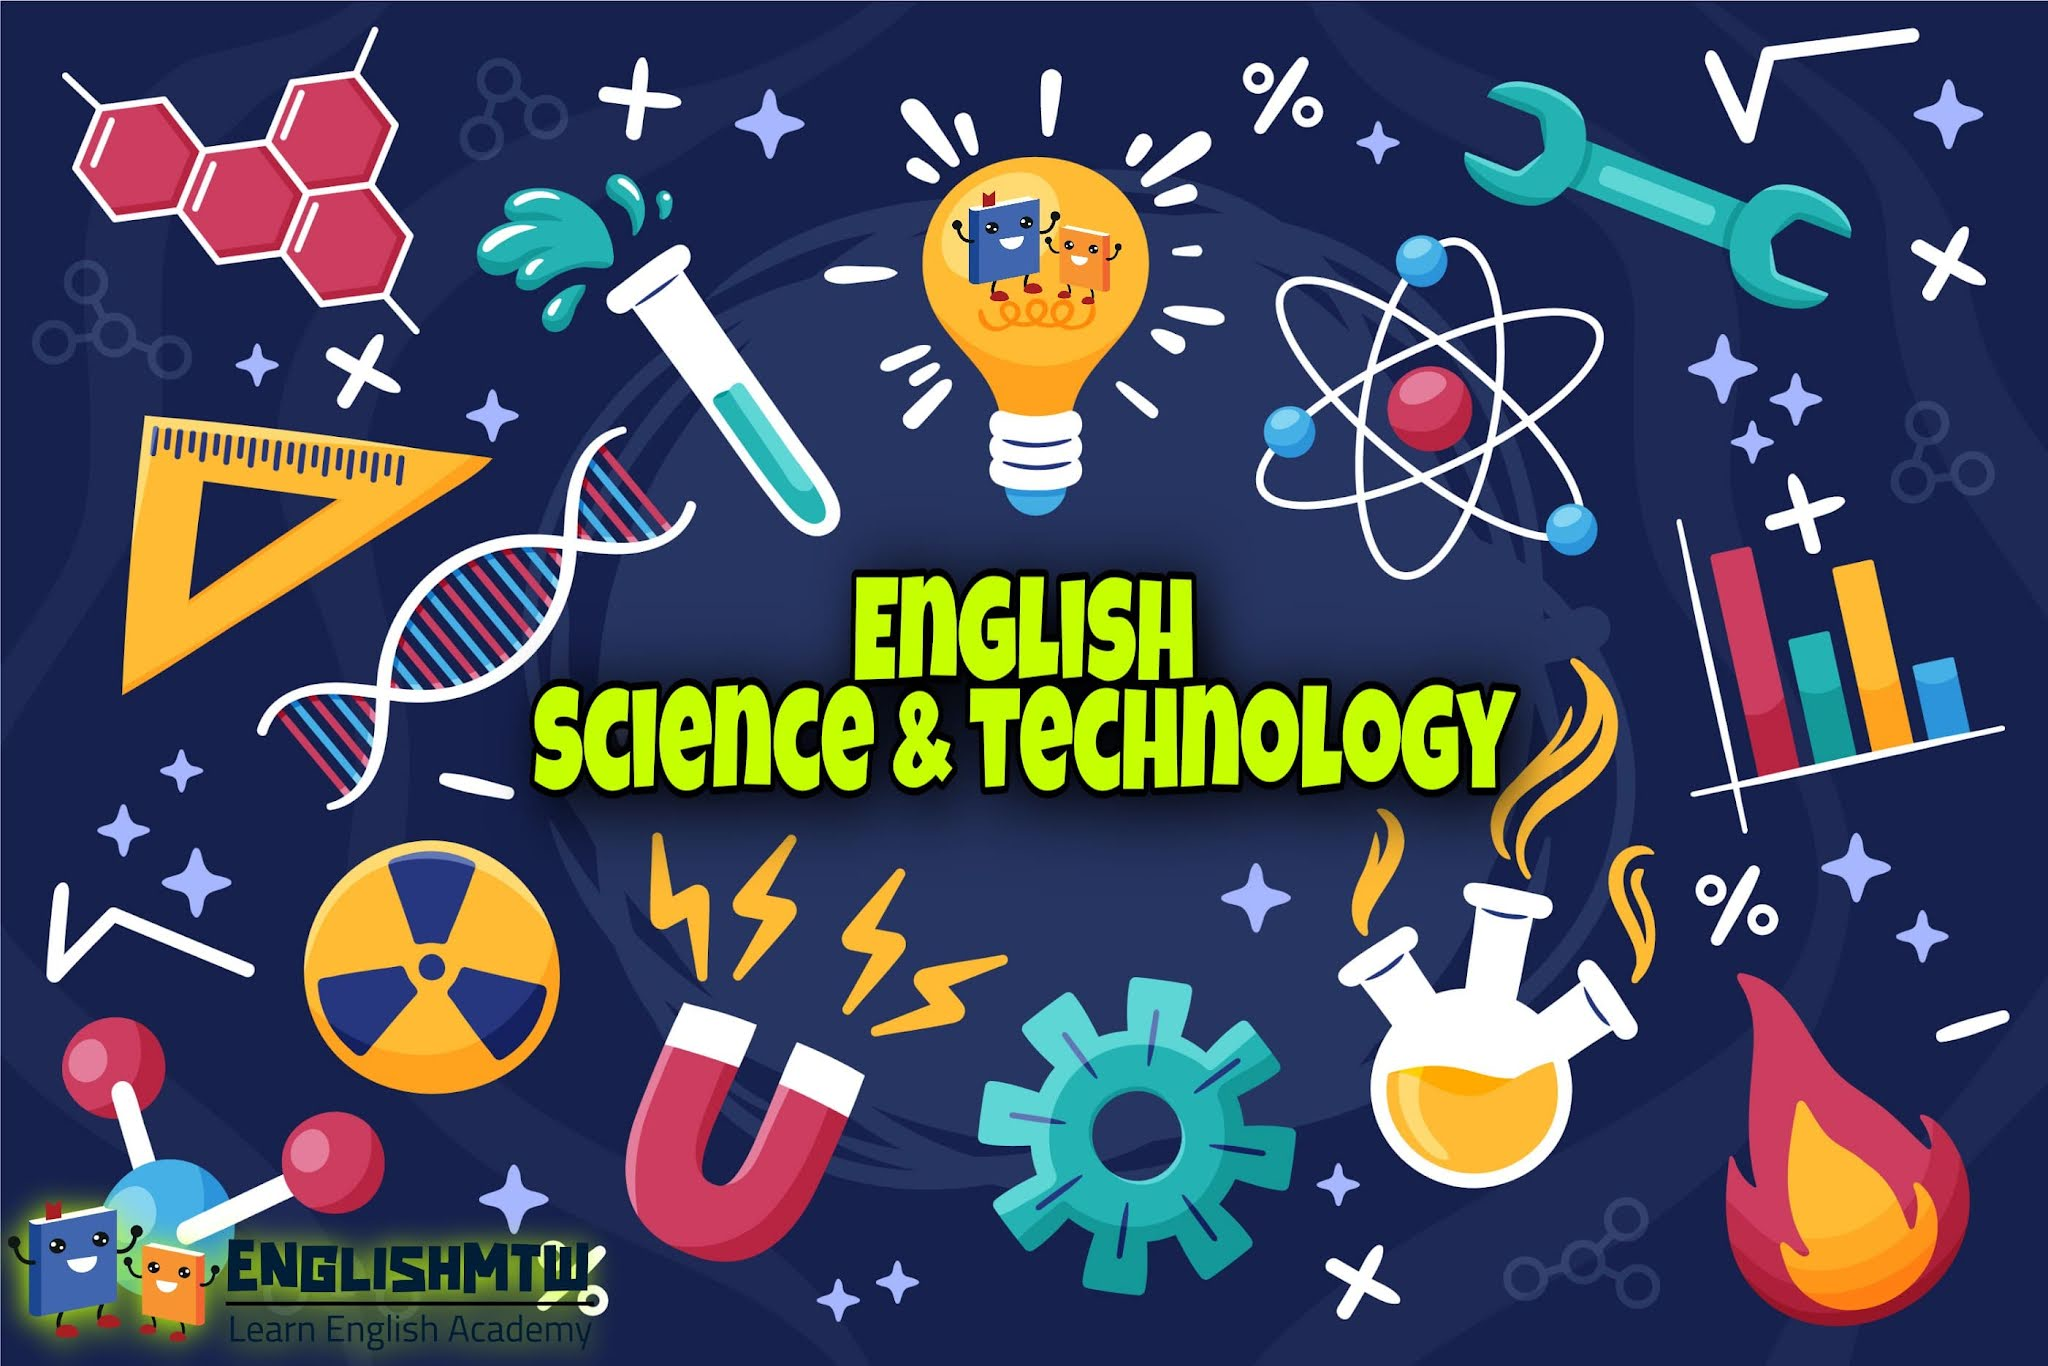 مواقع لتعليم اللغة الإنجليزية للعلوم والتكنولوجيا